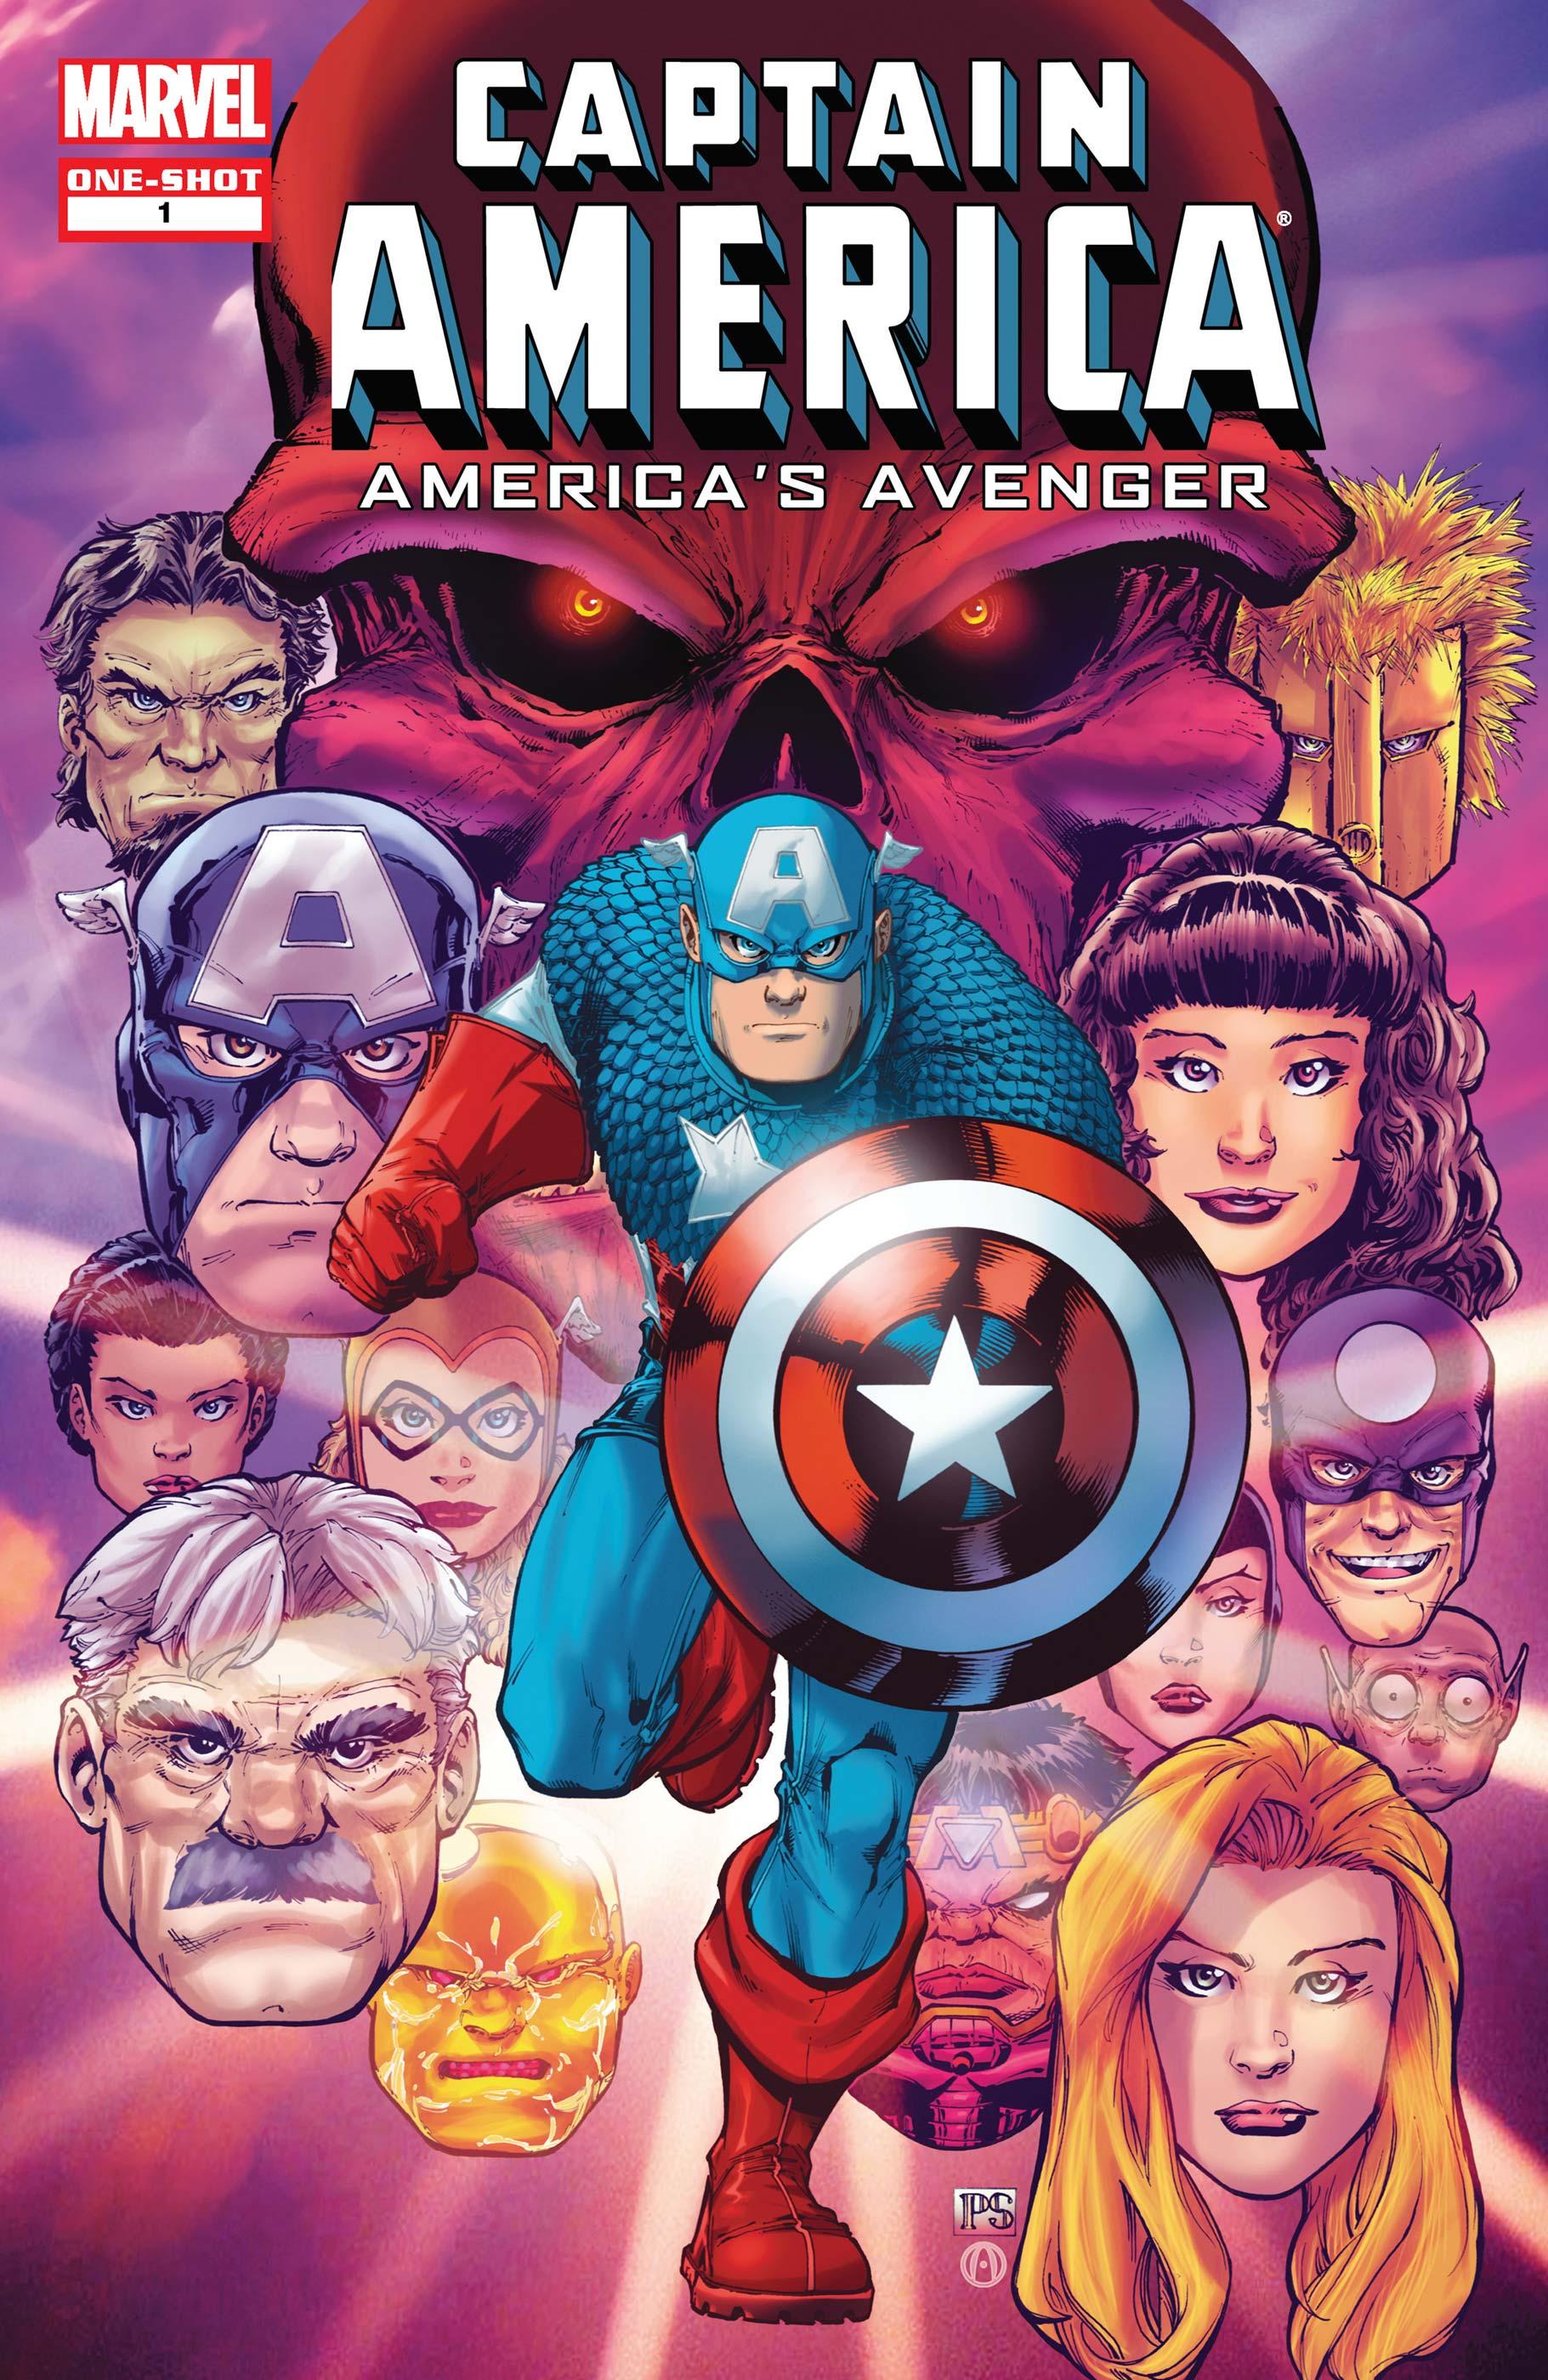 Captain America: America's Avenger (2010) #1